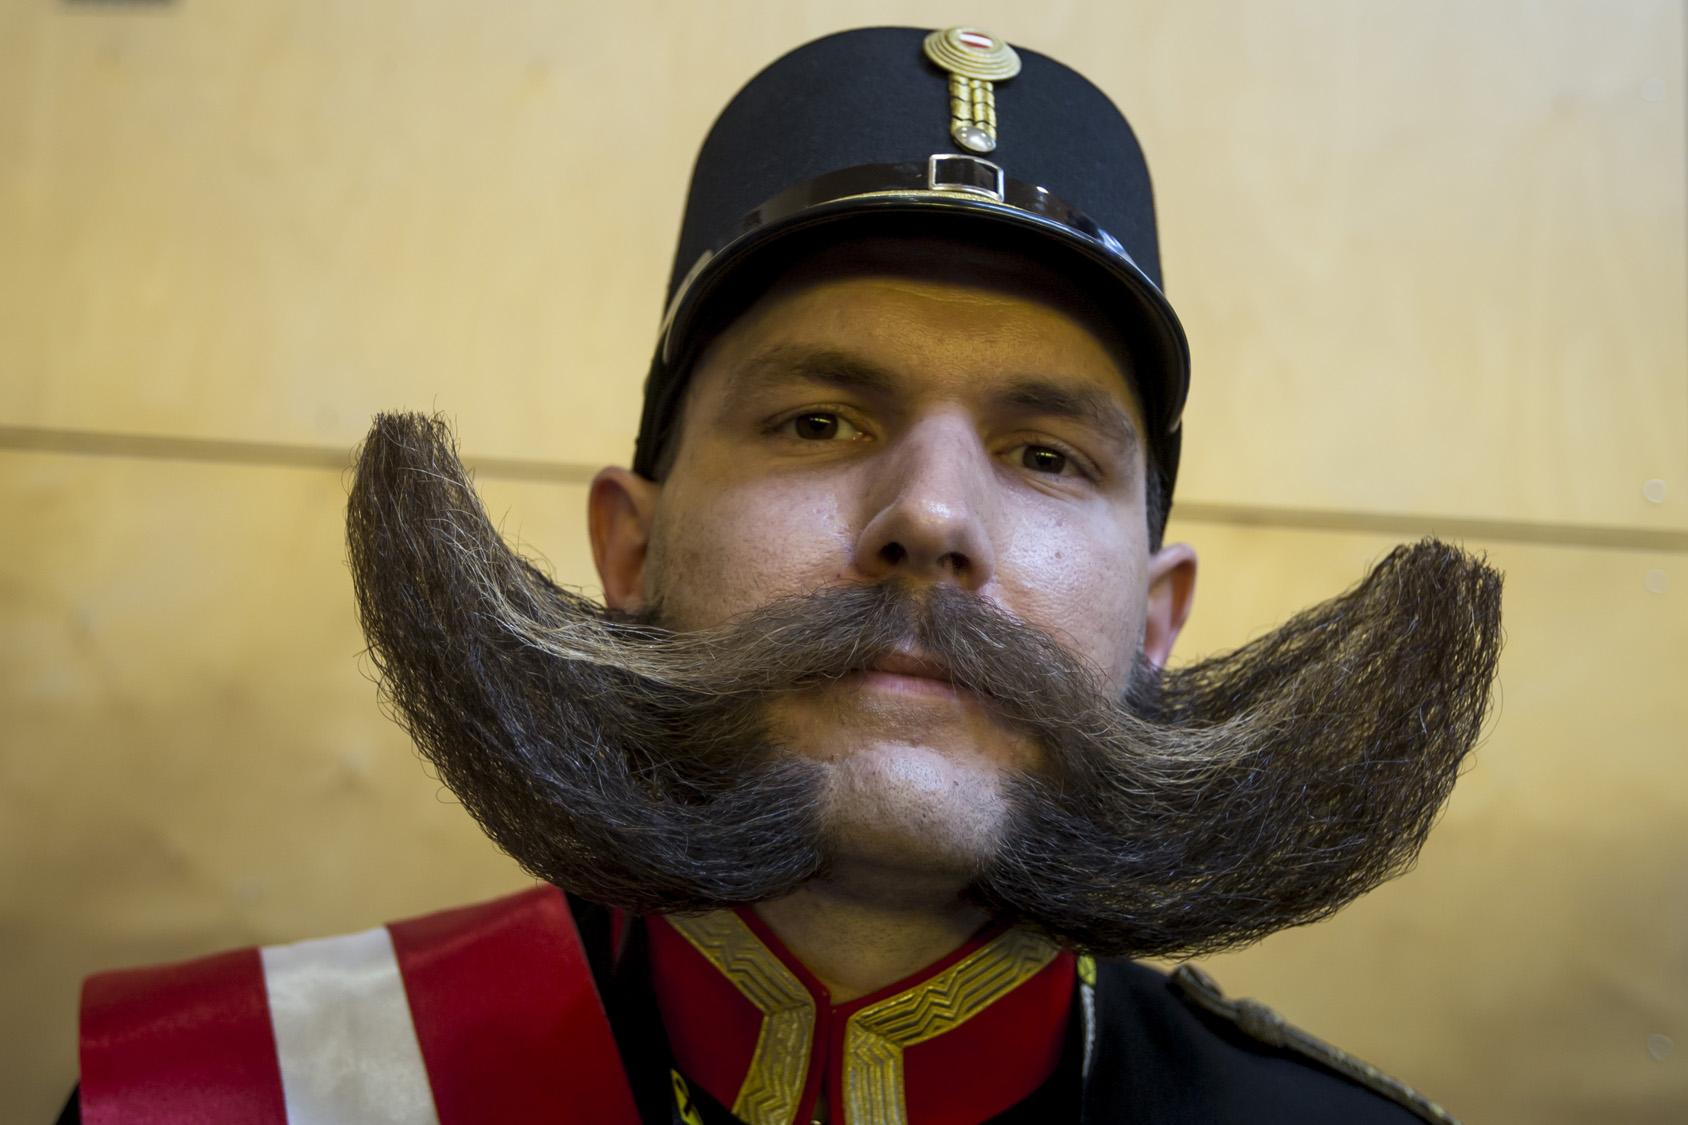 Mobius mustache